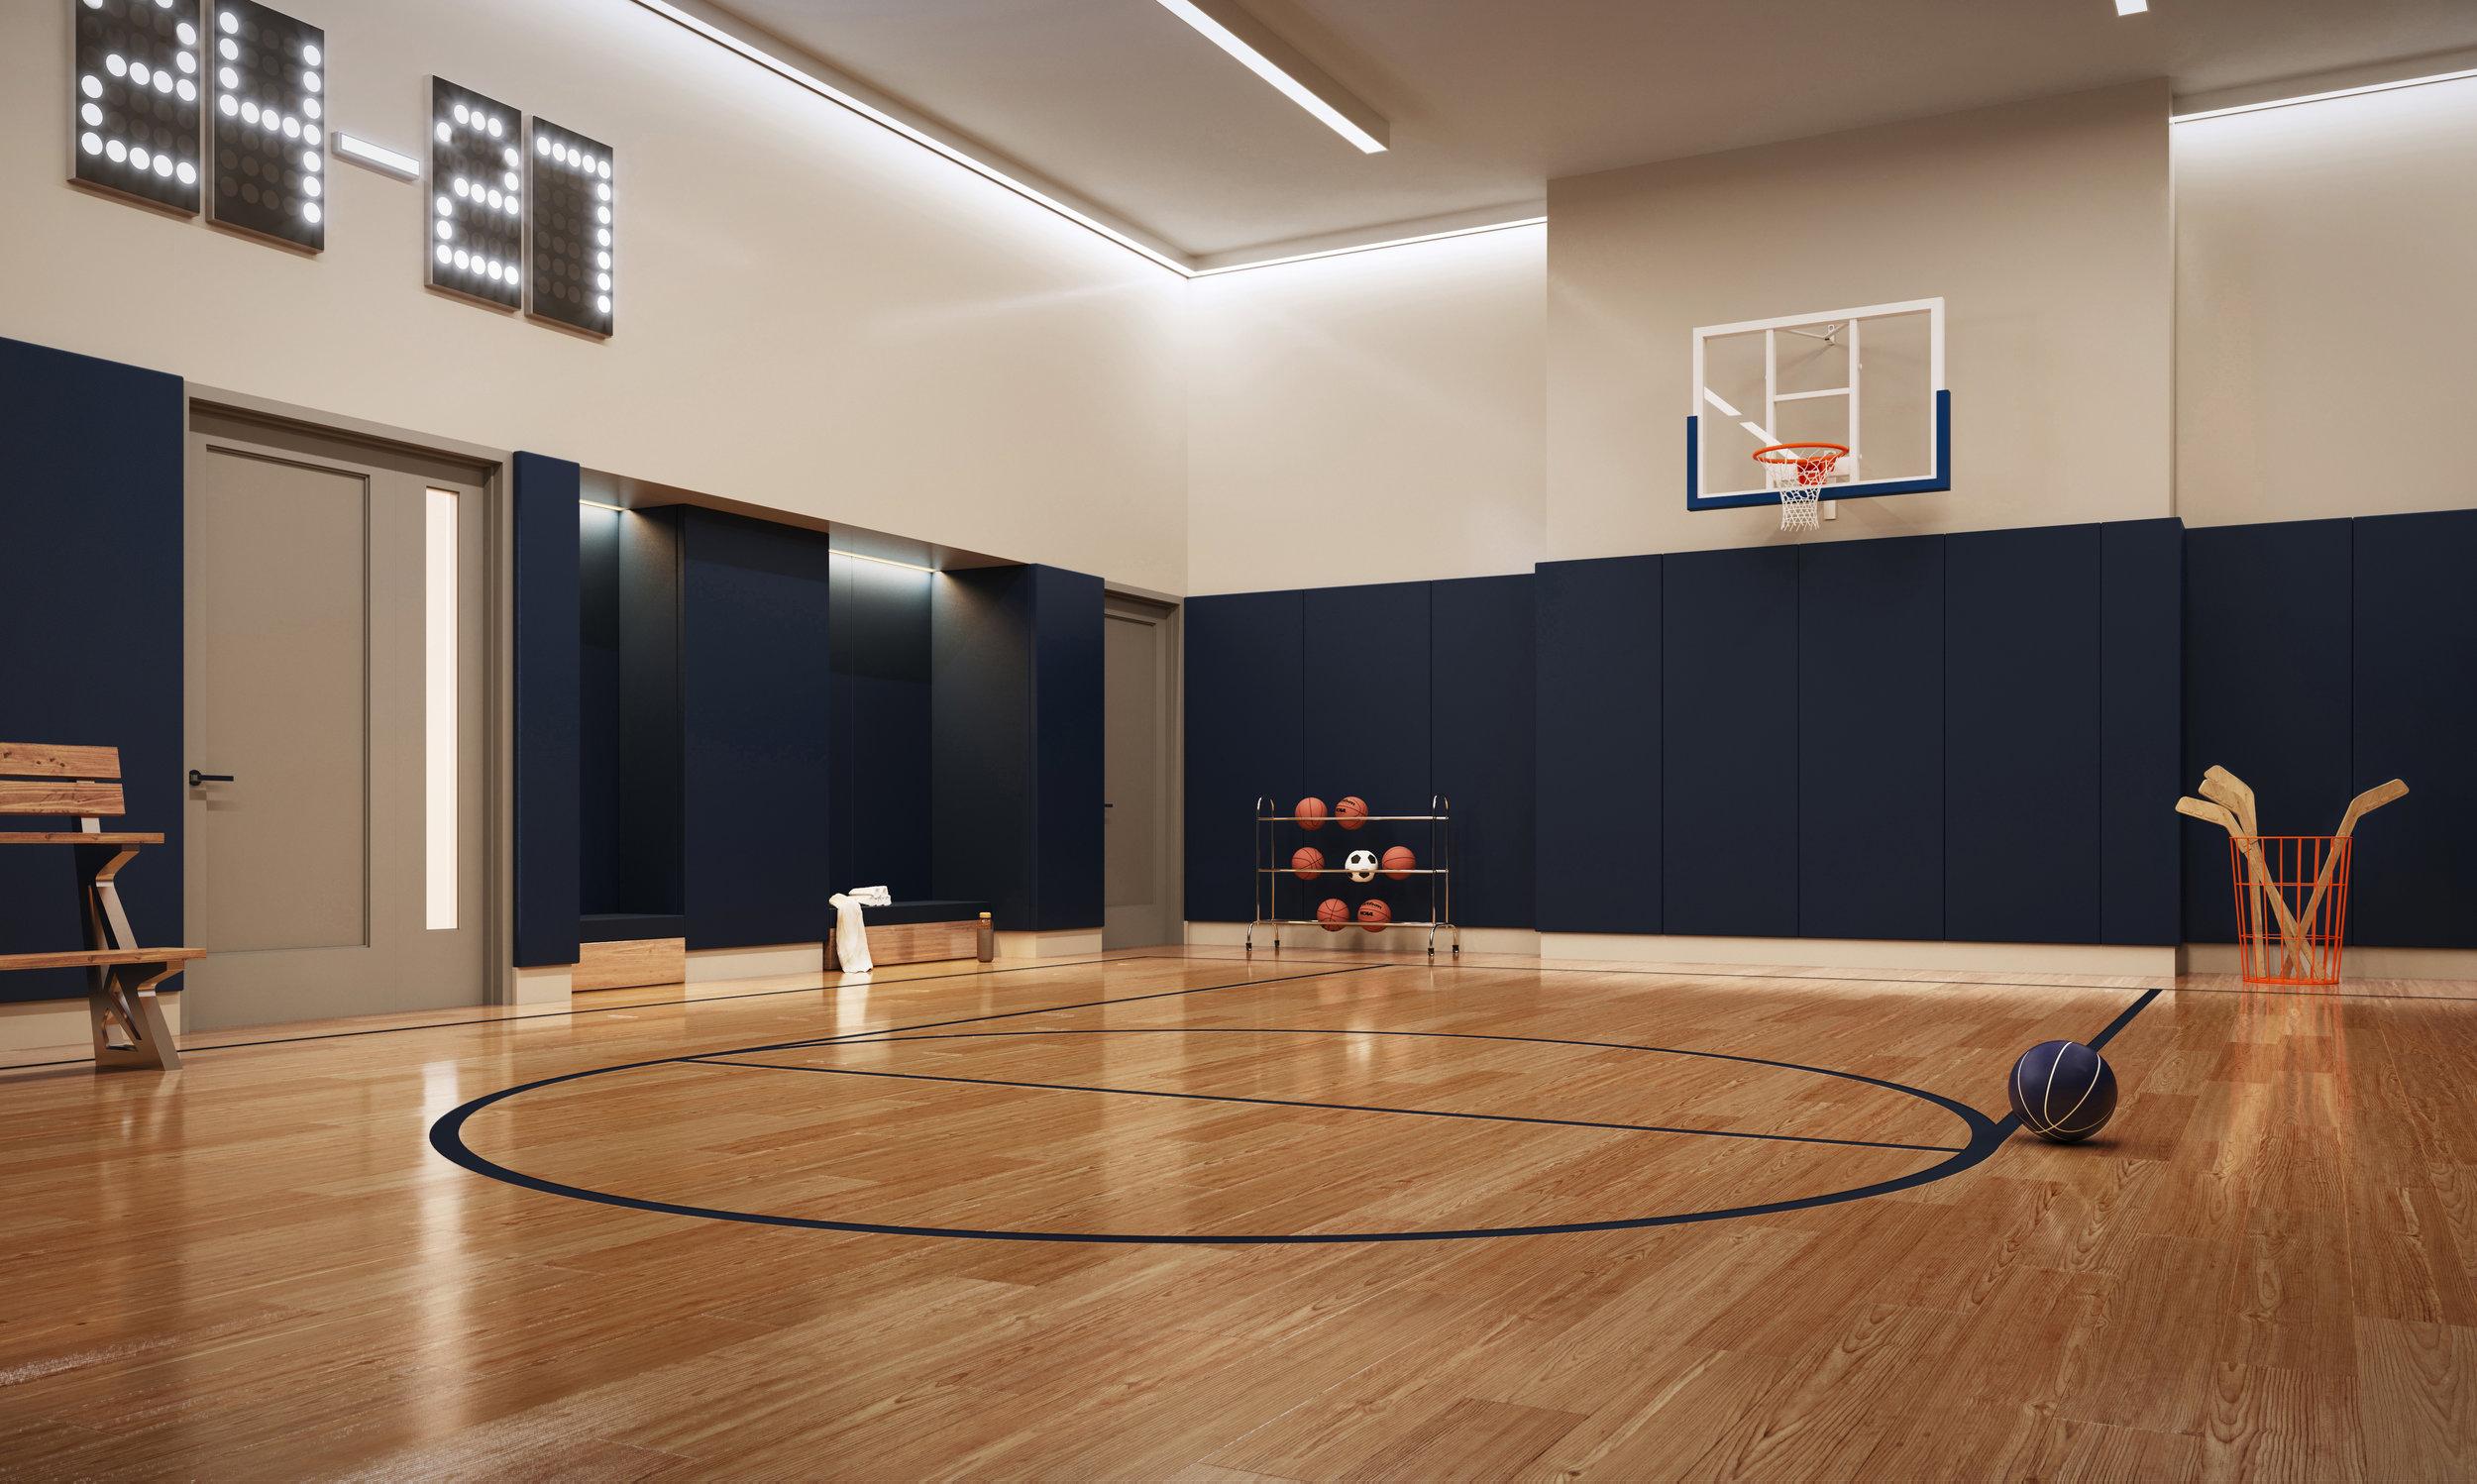 08_cellar basketball court_6k_20171027_JR_Crop.jpg